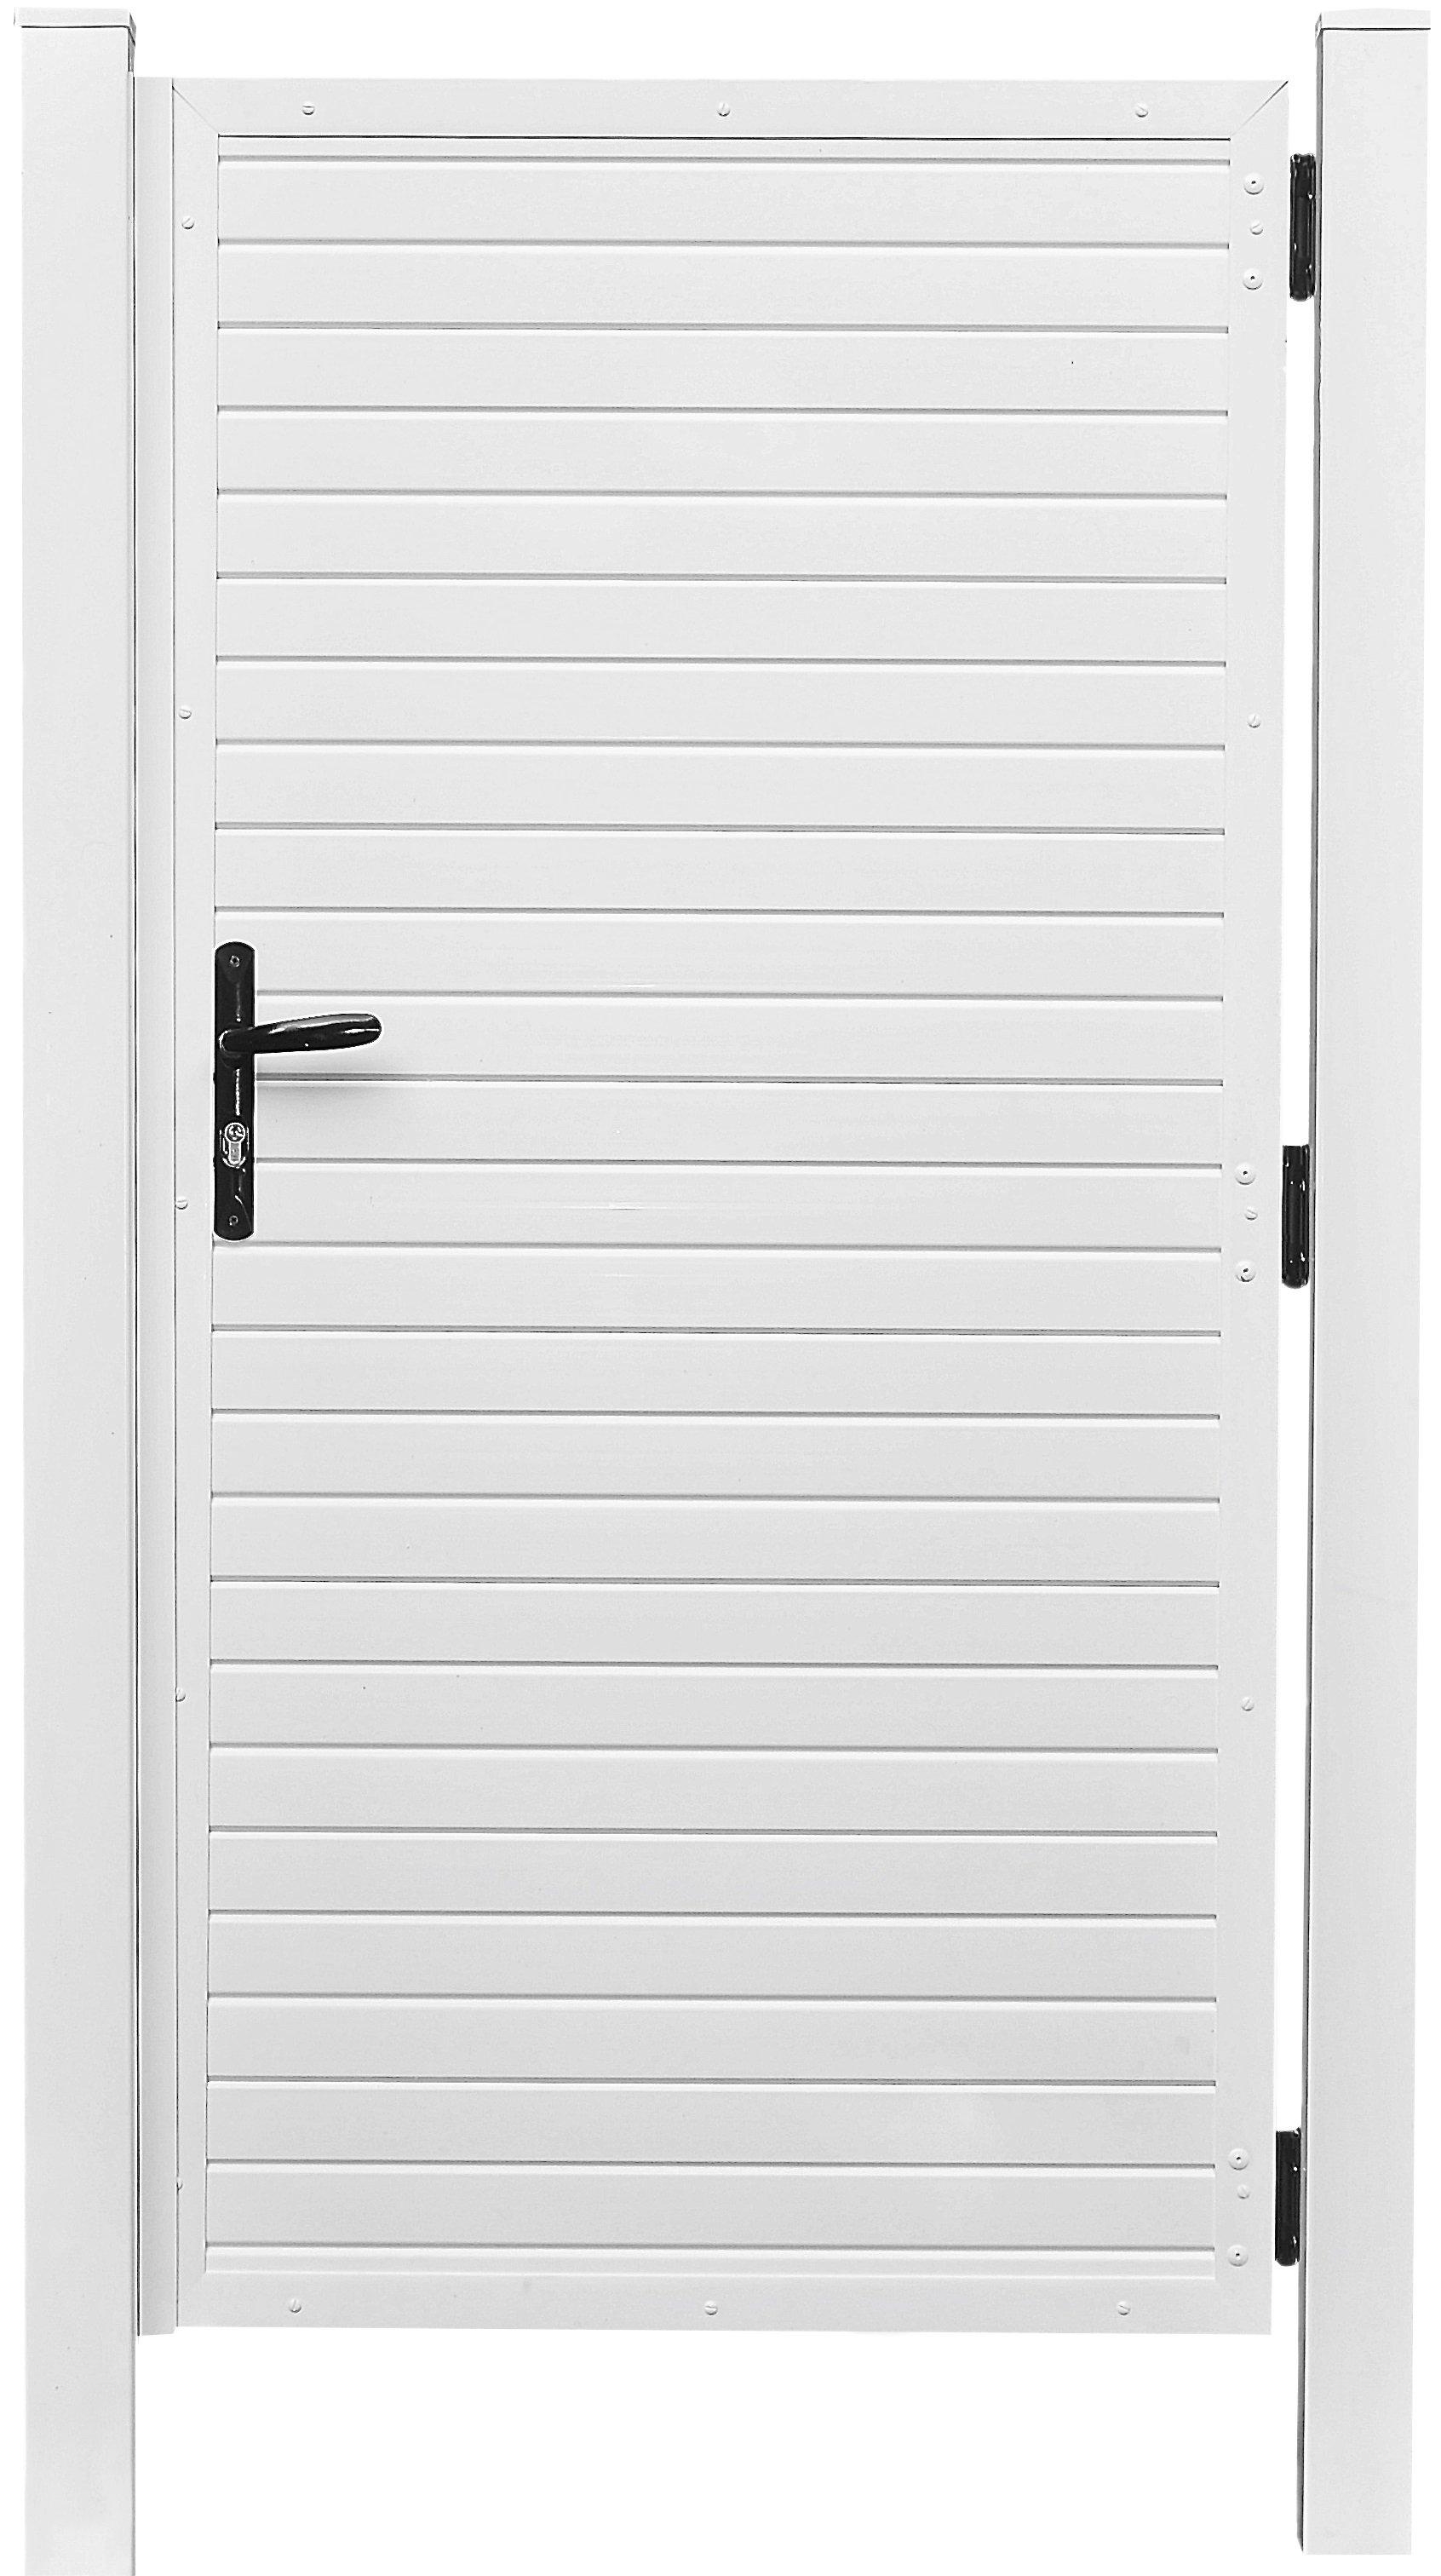 LIGHTLINE Sichtschutz Kunststofftür weiß 100 x 180 cm